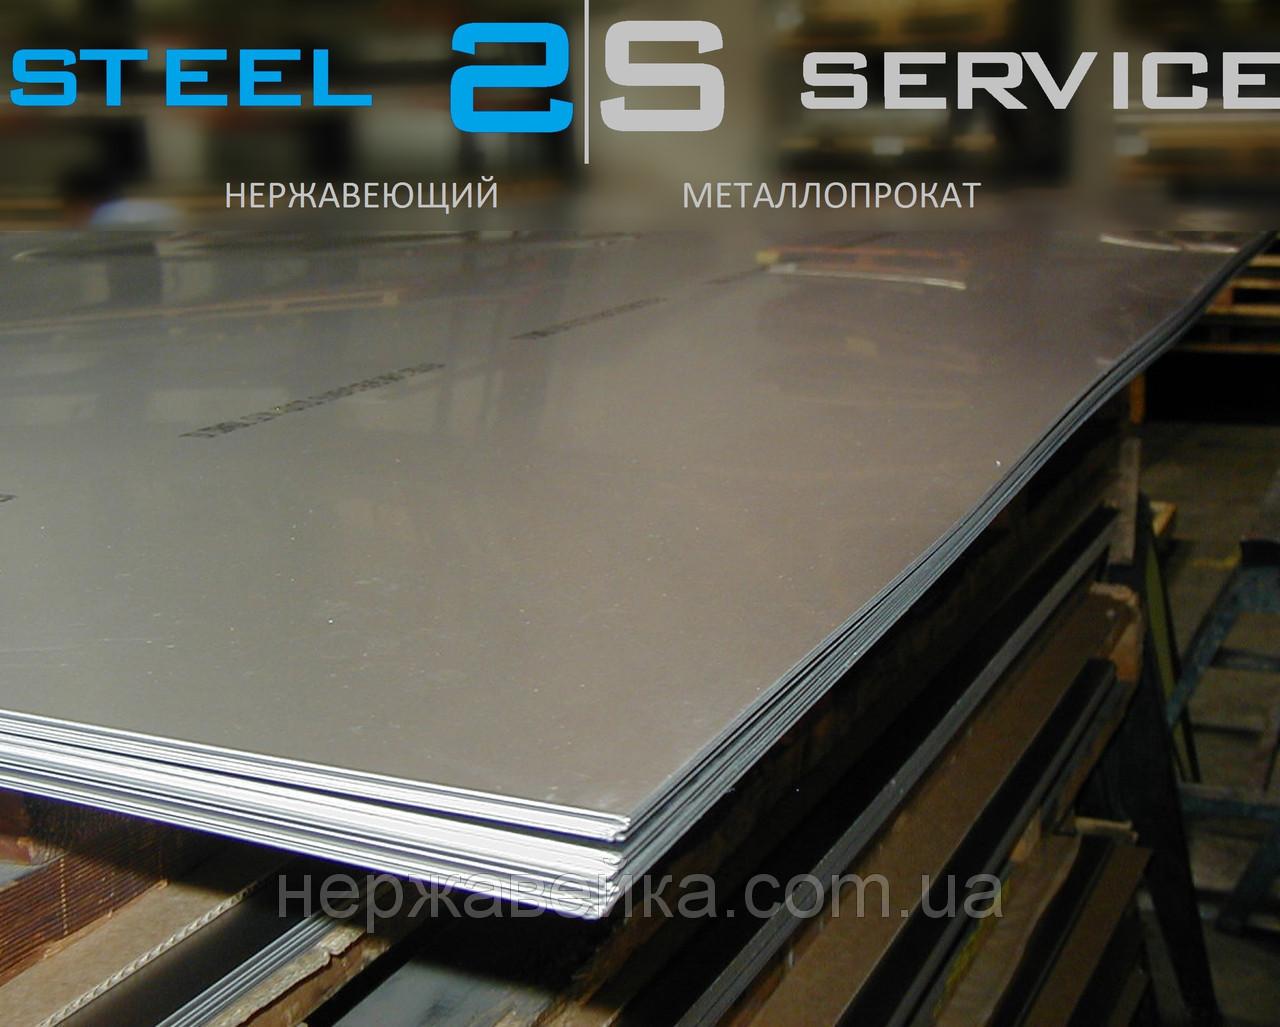 Нержавеющий лист 16х1000х2000мм  AISI 309(20Х23Н13, 20Х20Н14С2) F1 - горячекатанный,  жаропрочный